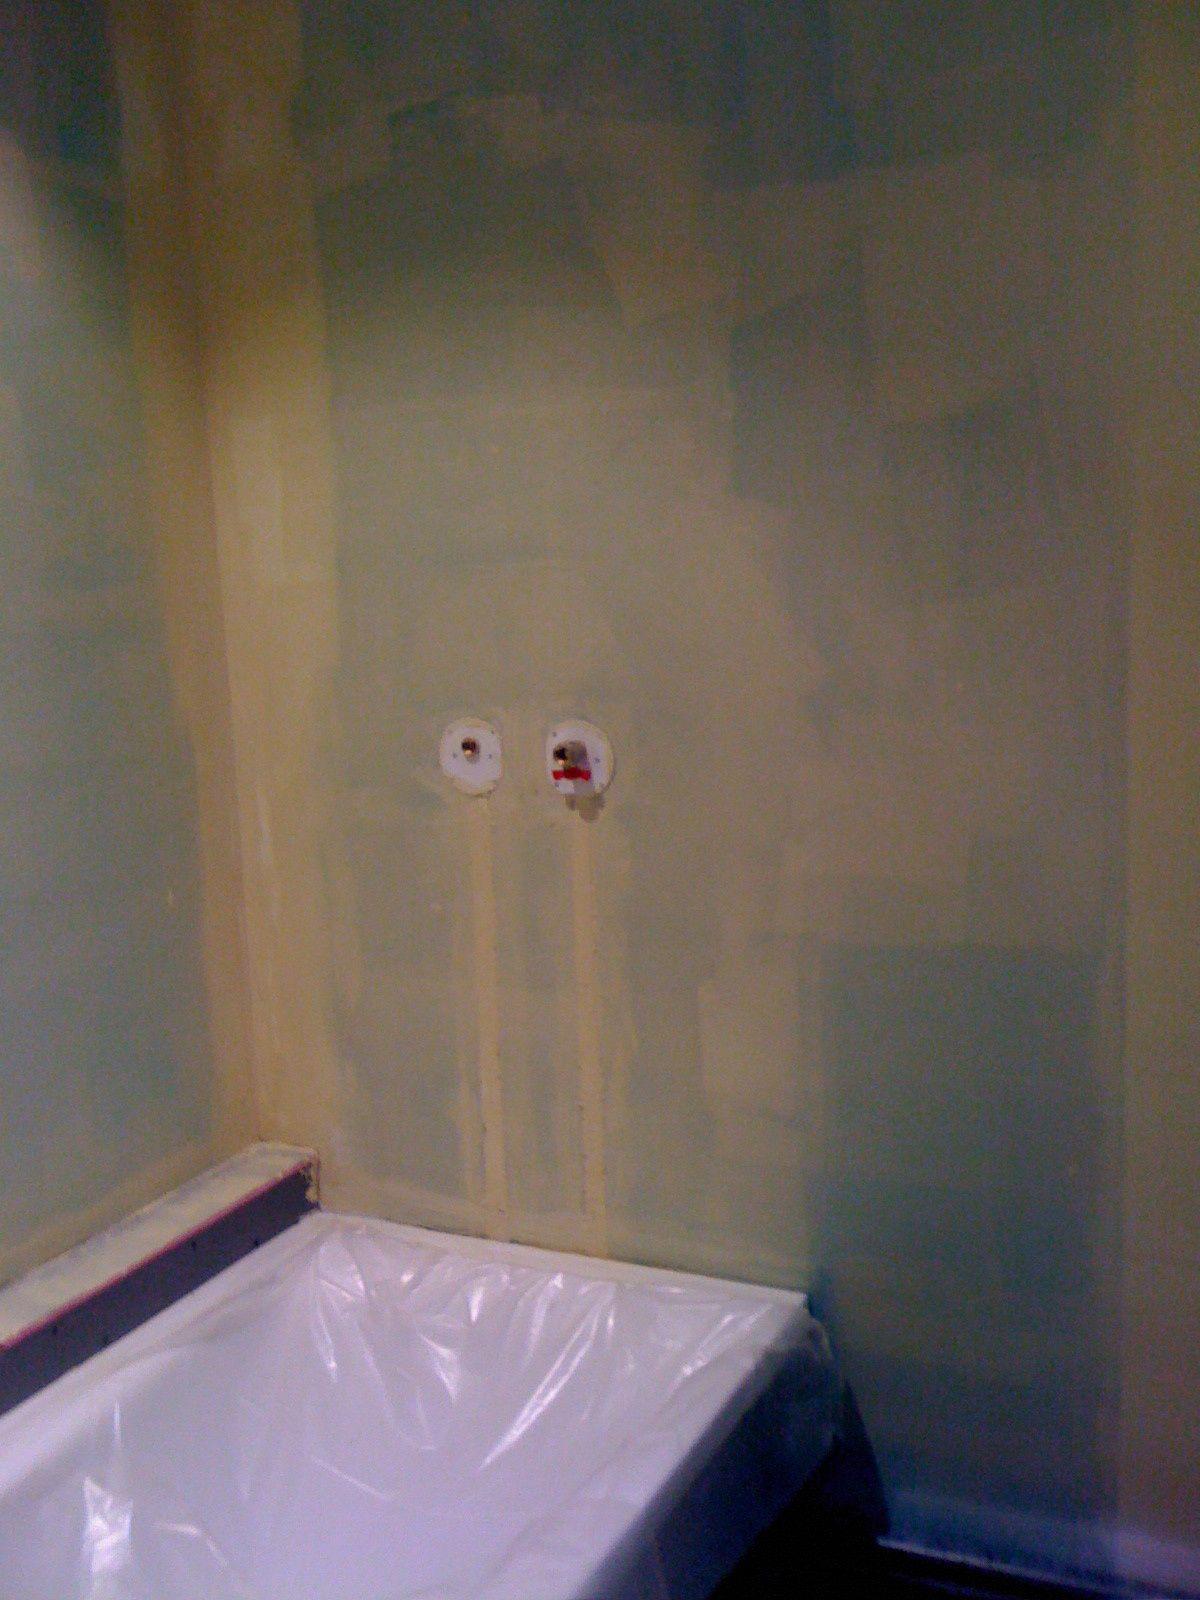 Enlever Carrelage Sur Placo poser la faïence de la salle de bain !! - autoconstruction